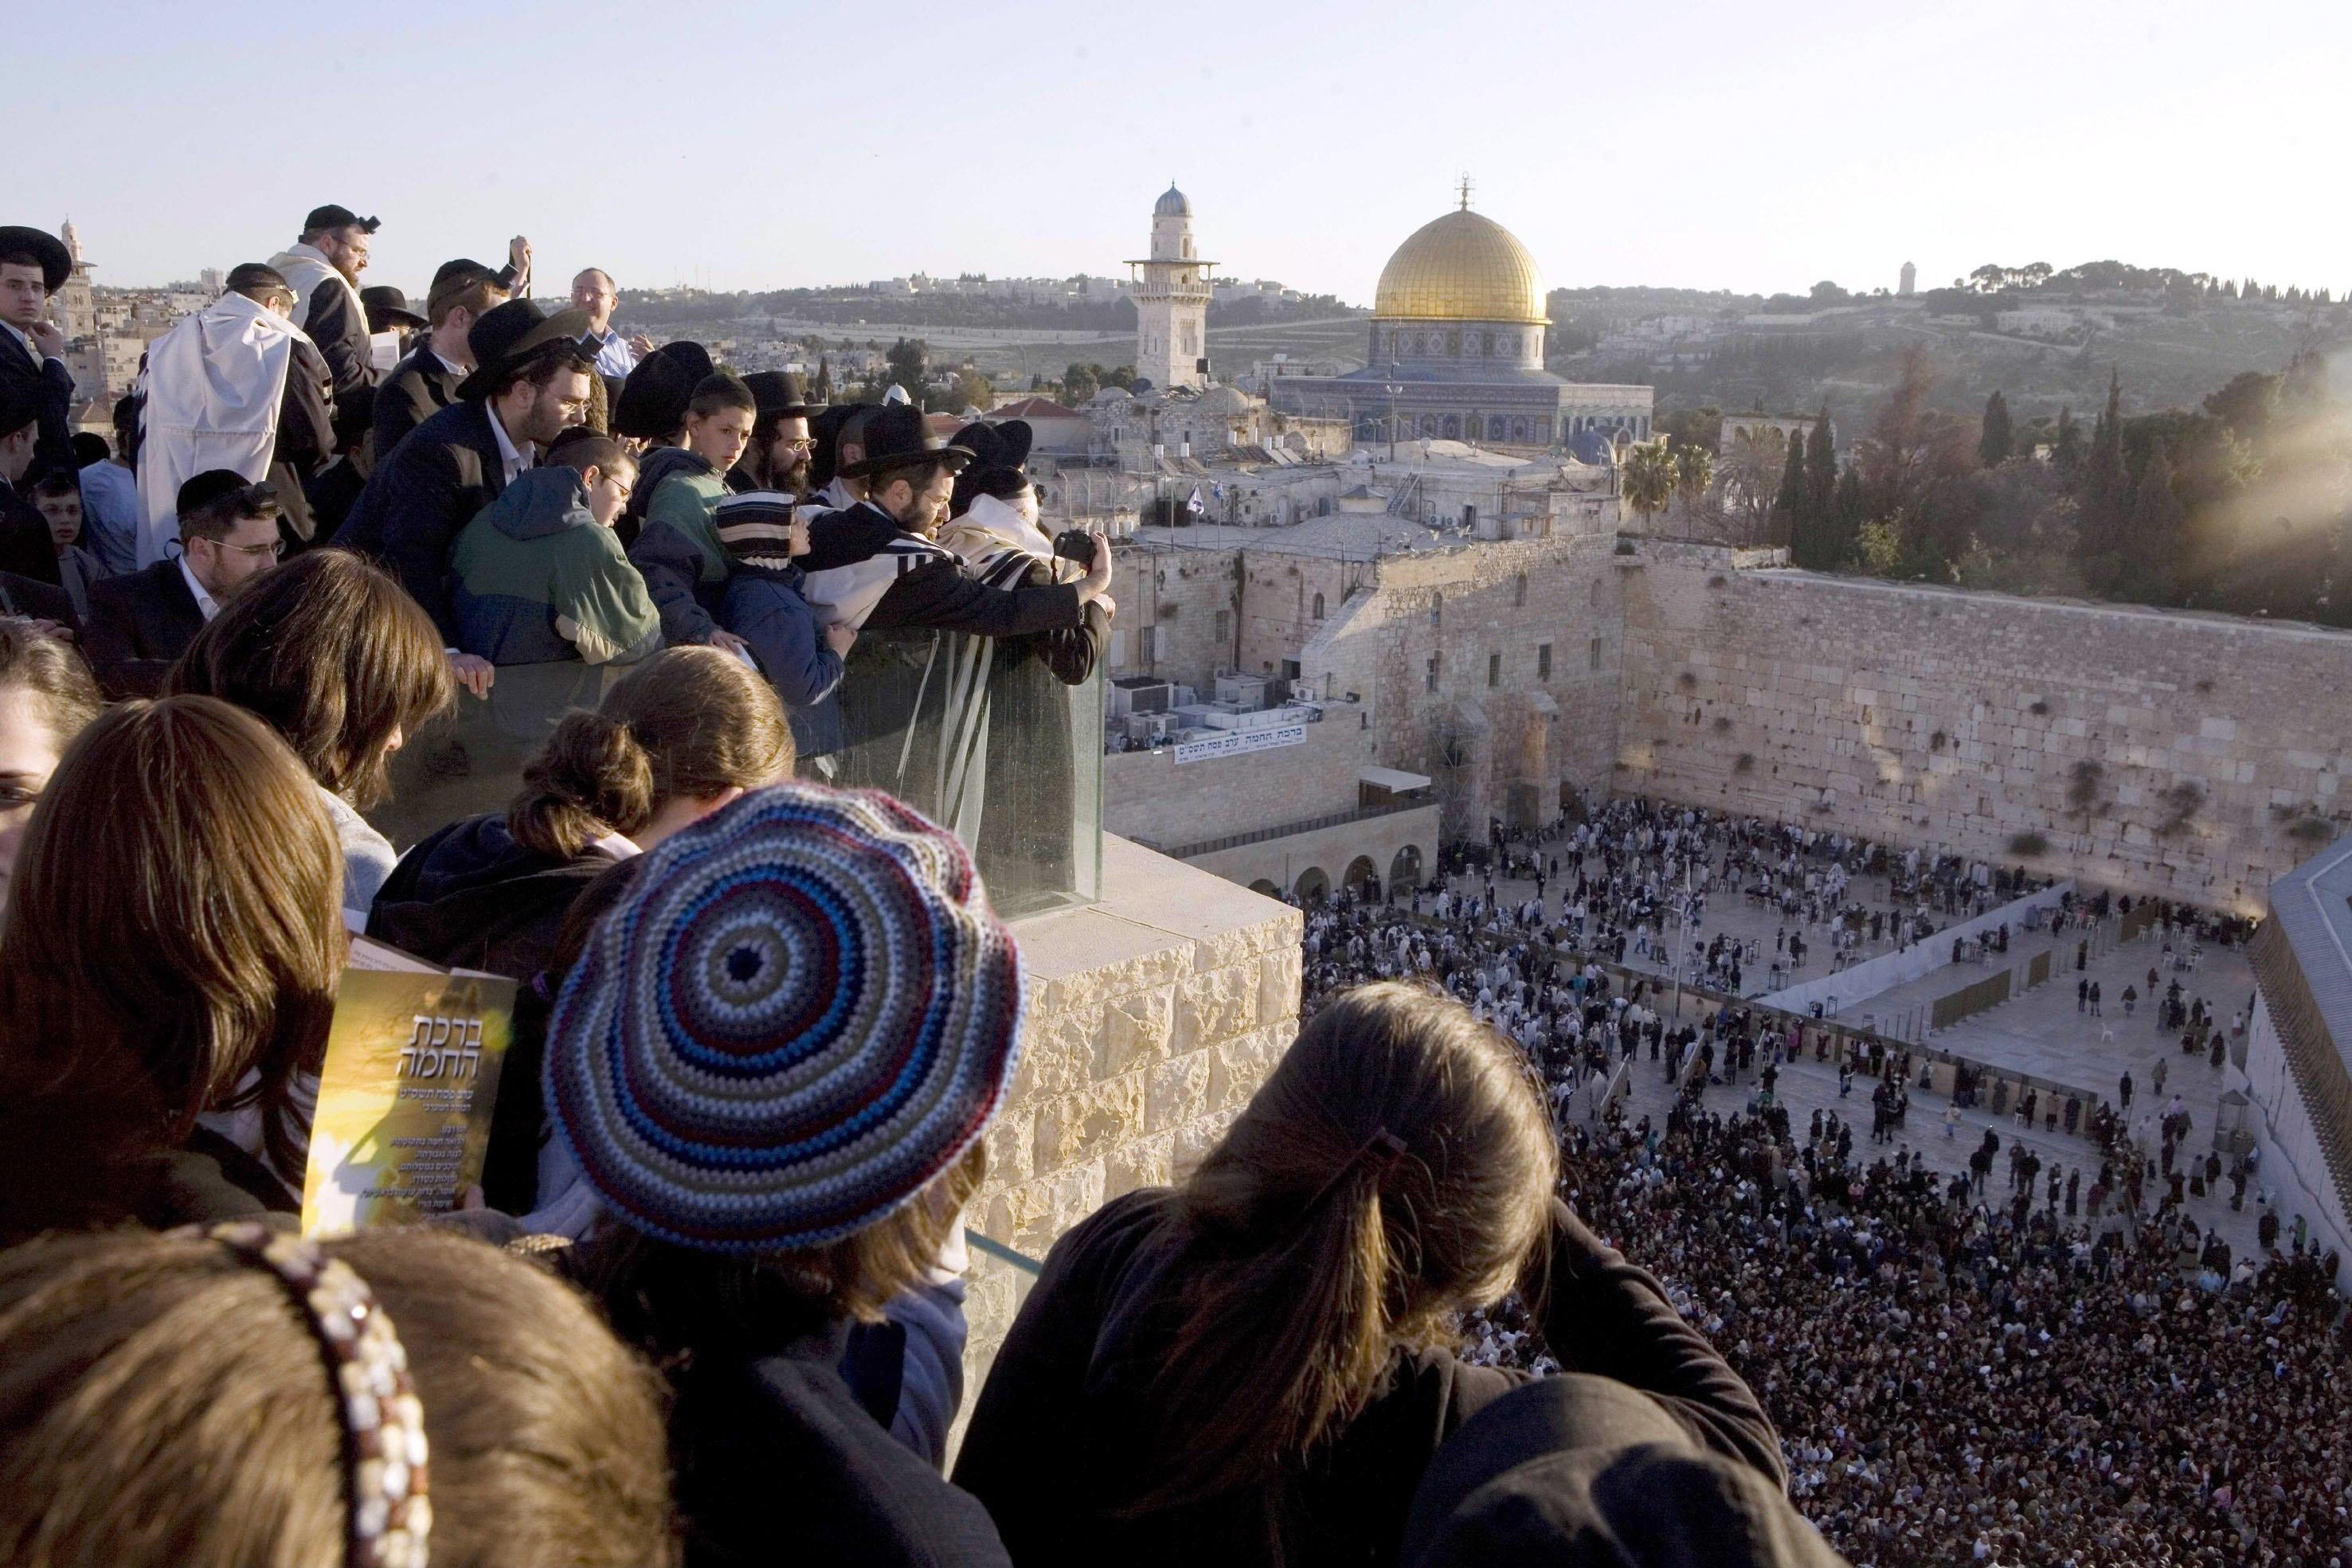 Scelta choc dell'Unesco: il Muro del Pianto non è un simbolo ebraico